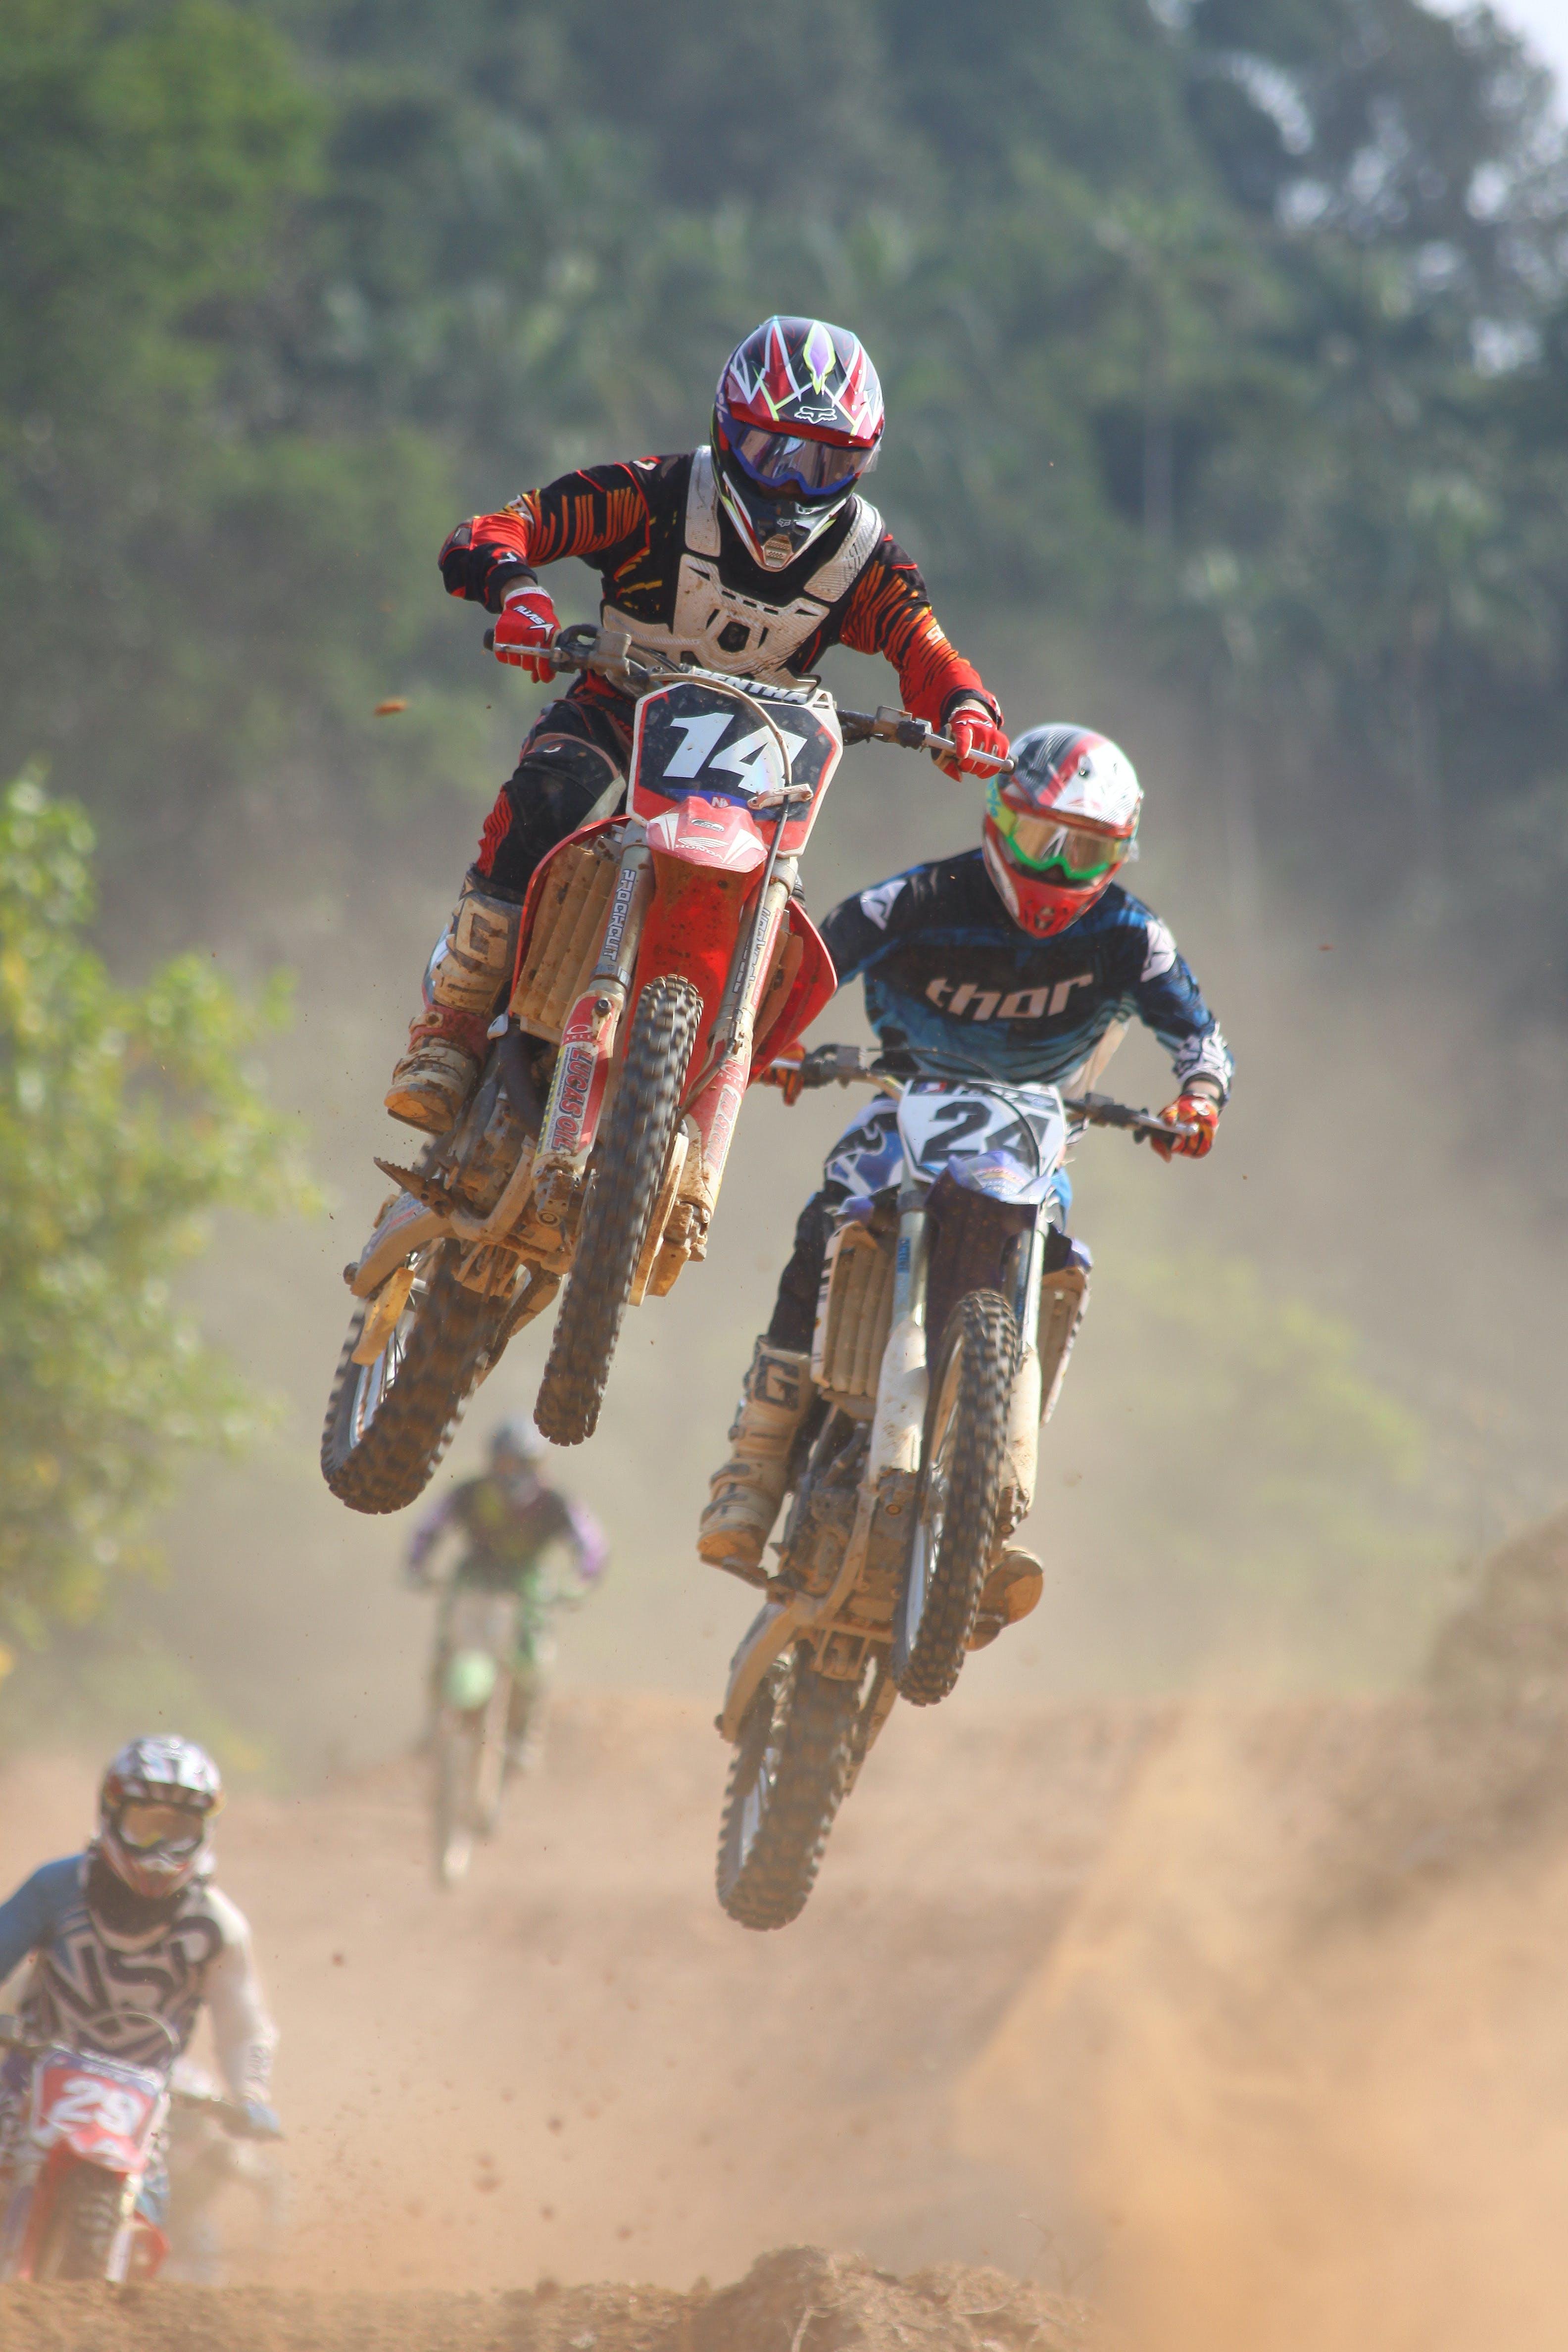 Gratis stockfoto met avontuur, bikers, coureur, crossmotoren